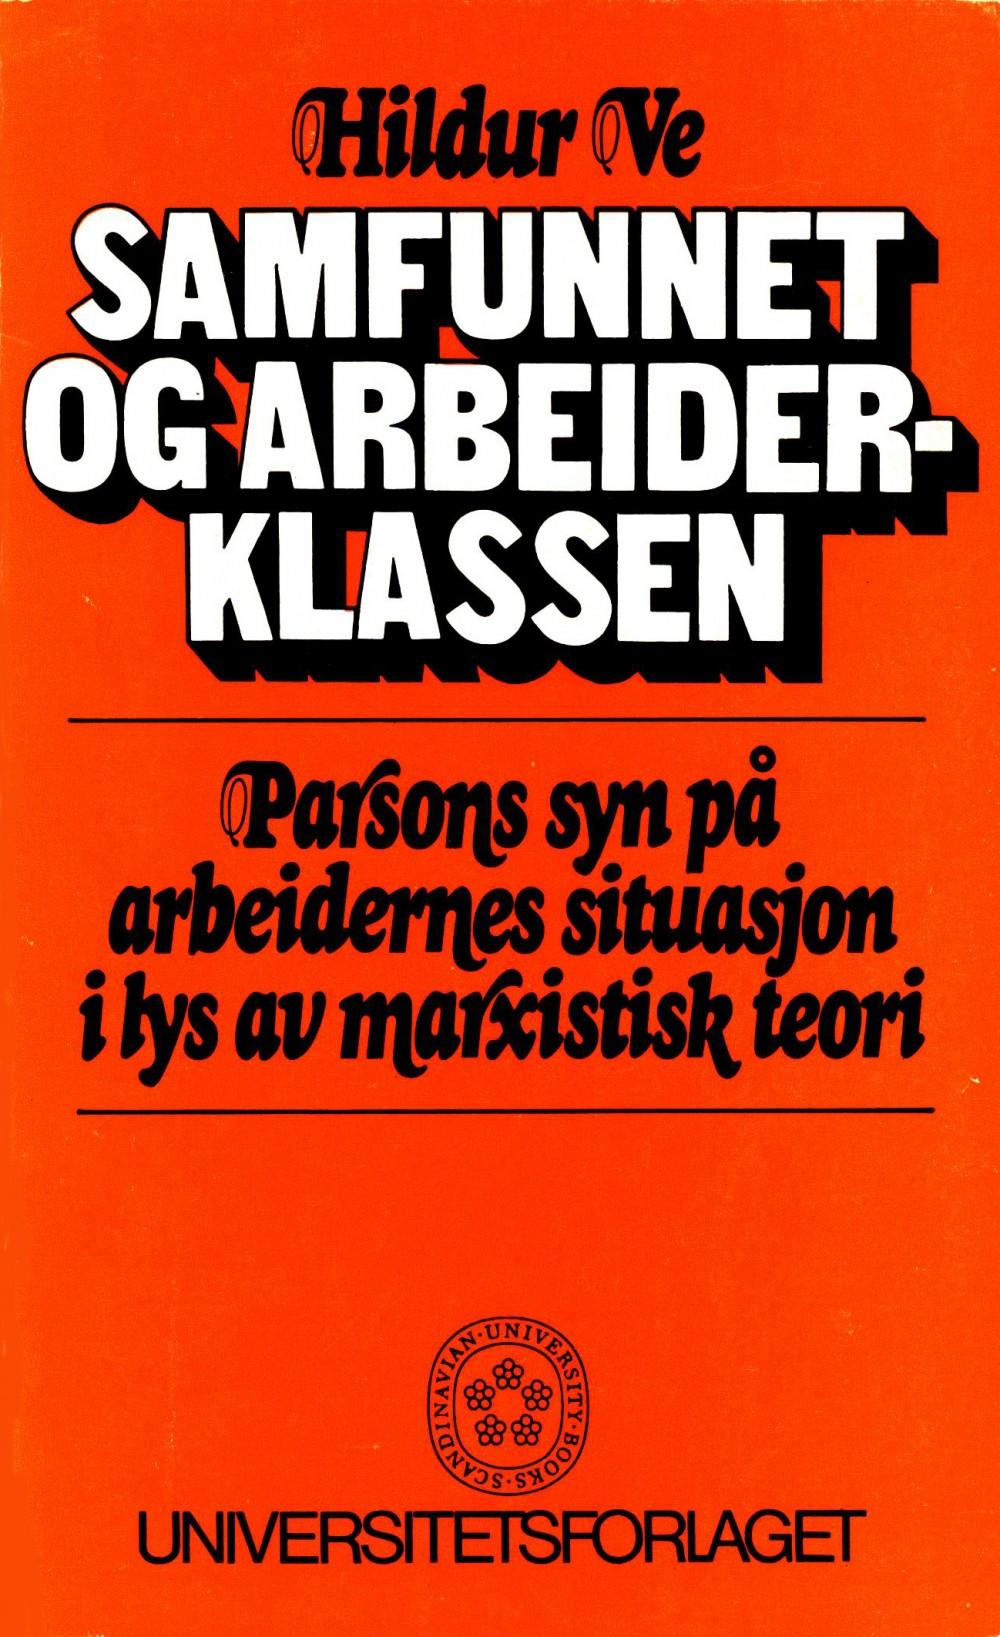 Hildur Ve: Samfunnet og arbeiderklassen - Parsons' syn på arbeidernes situasjon i lys av marxistisk teori